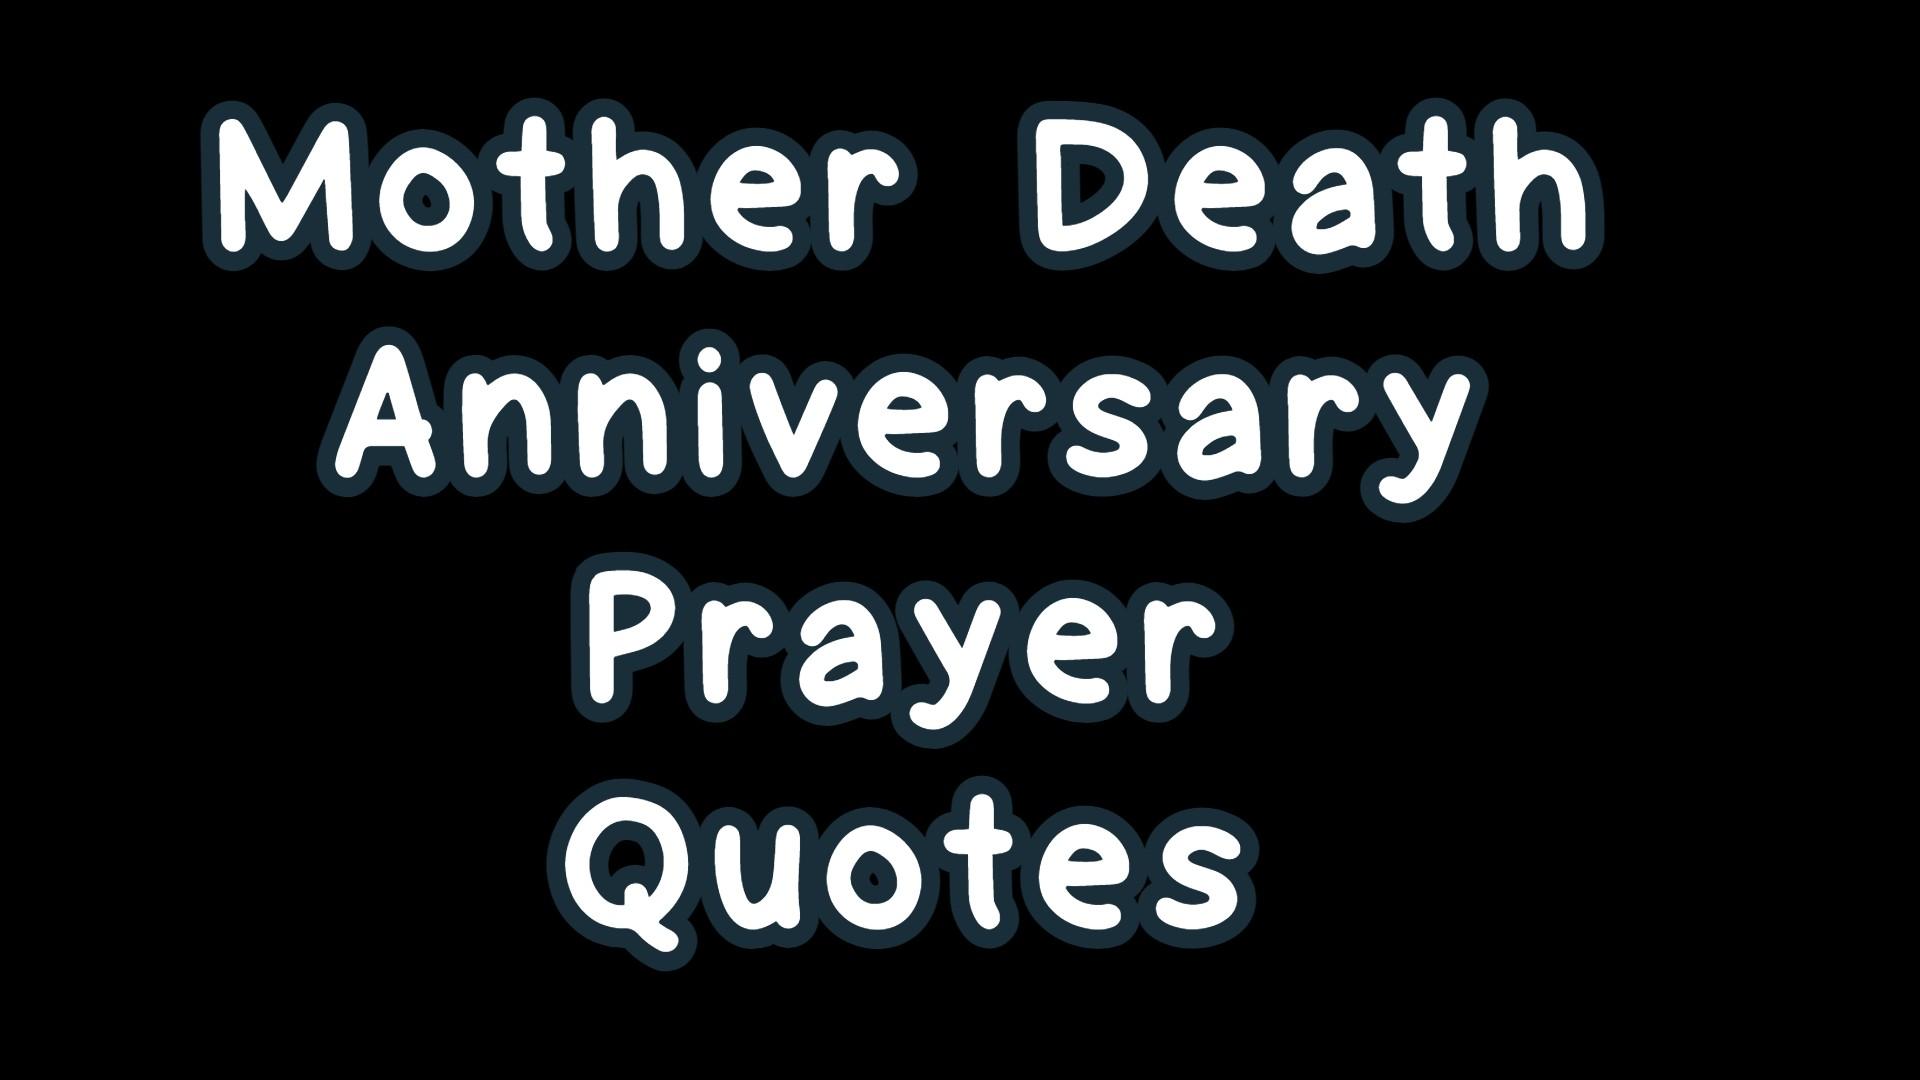 Mother Death Anniversary Prayer